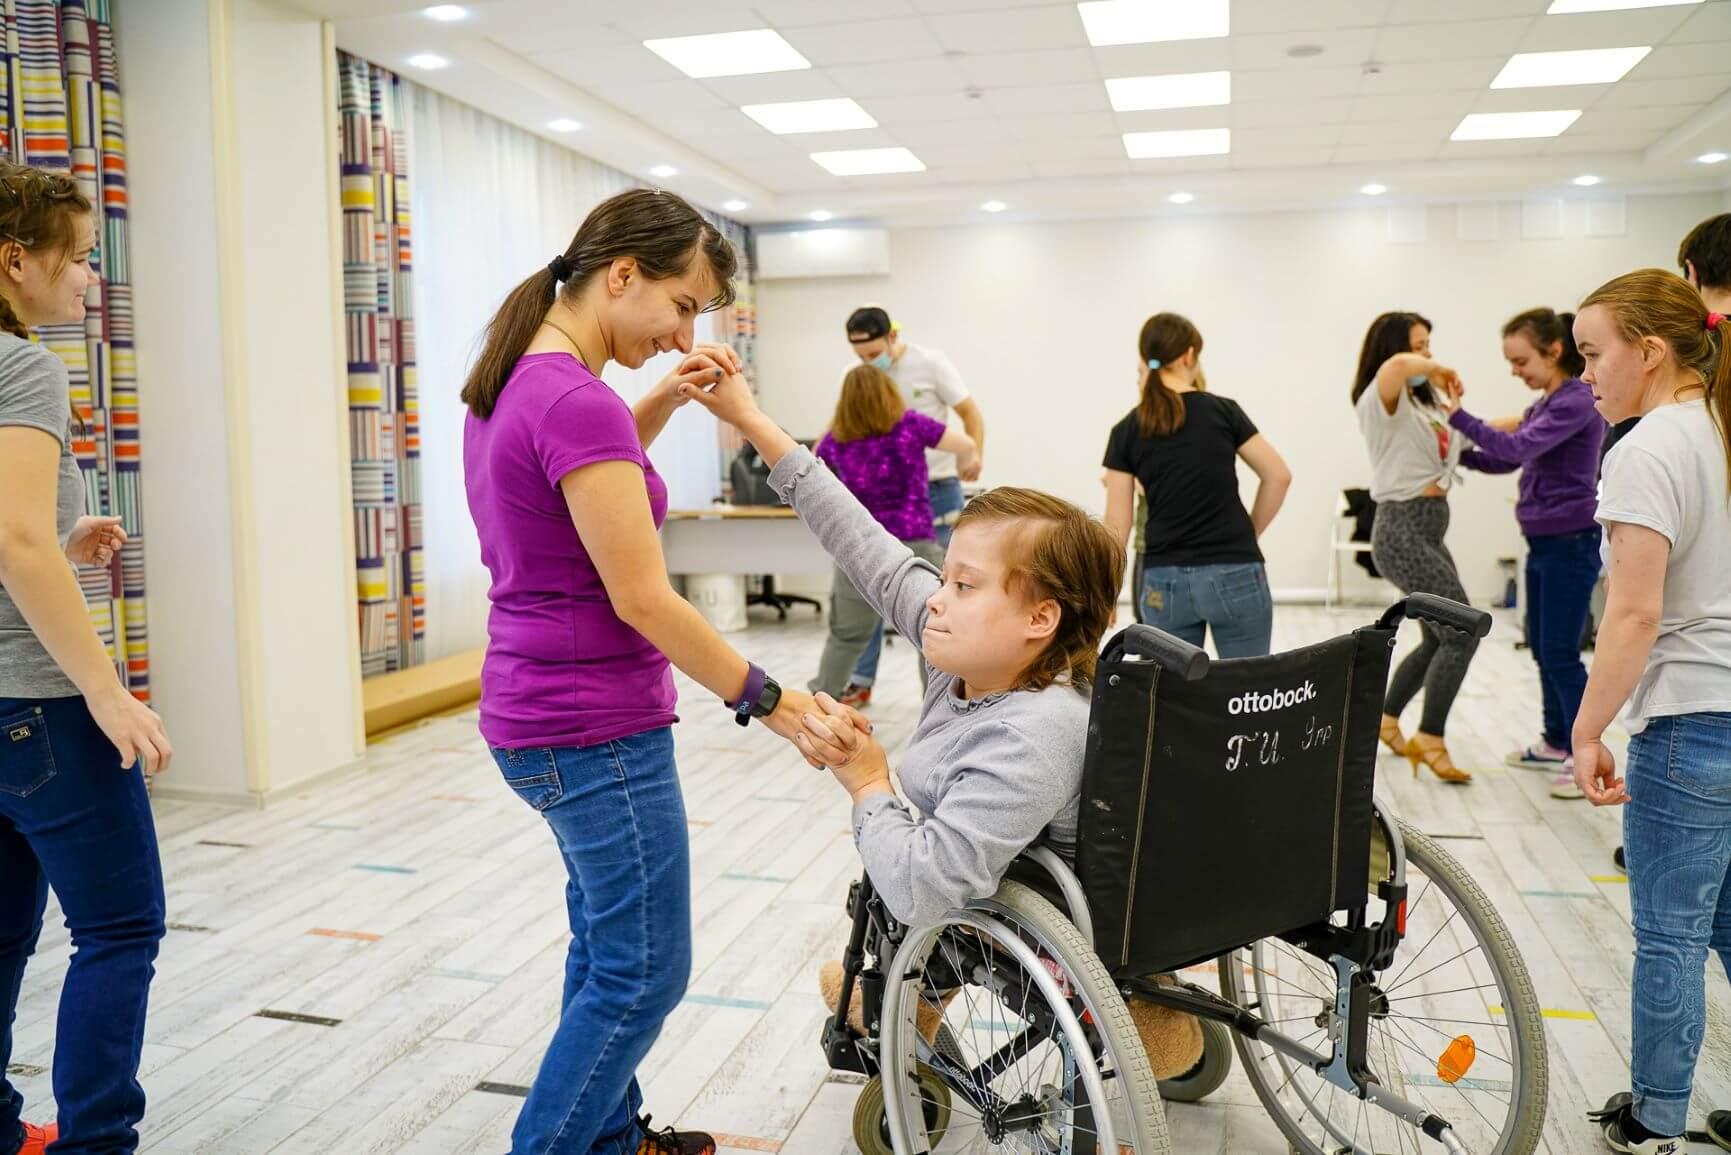 Сергей Собянин: Центр сопровождаемого проживания. Помогаем молодым людям с ментальными особенностями - фото 11